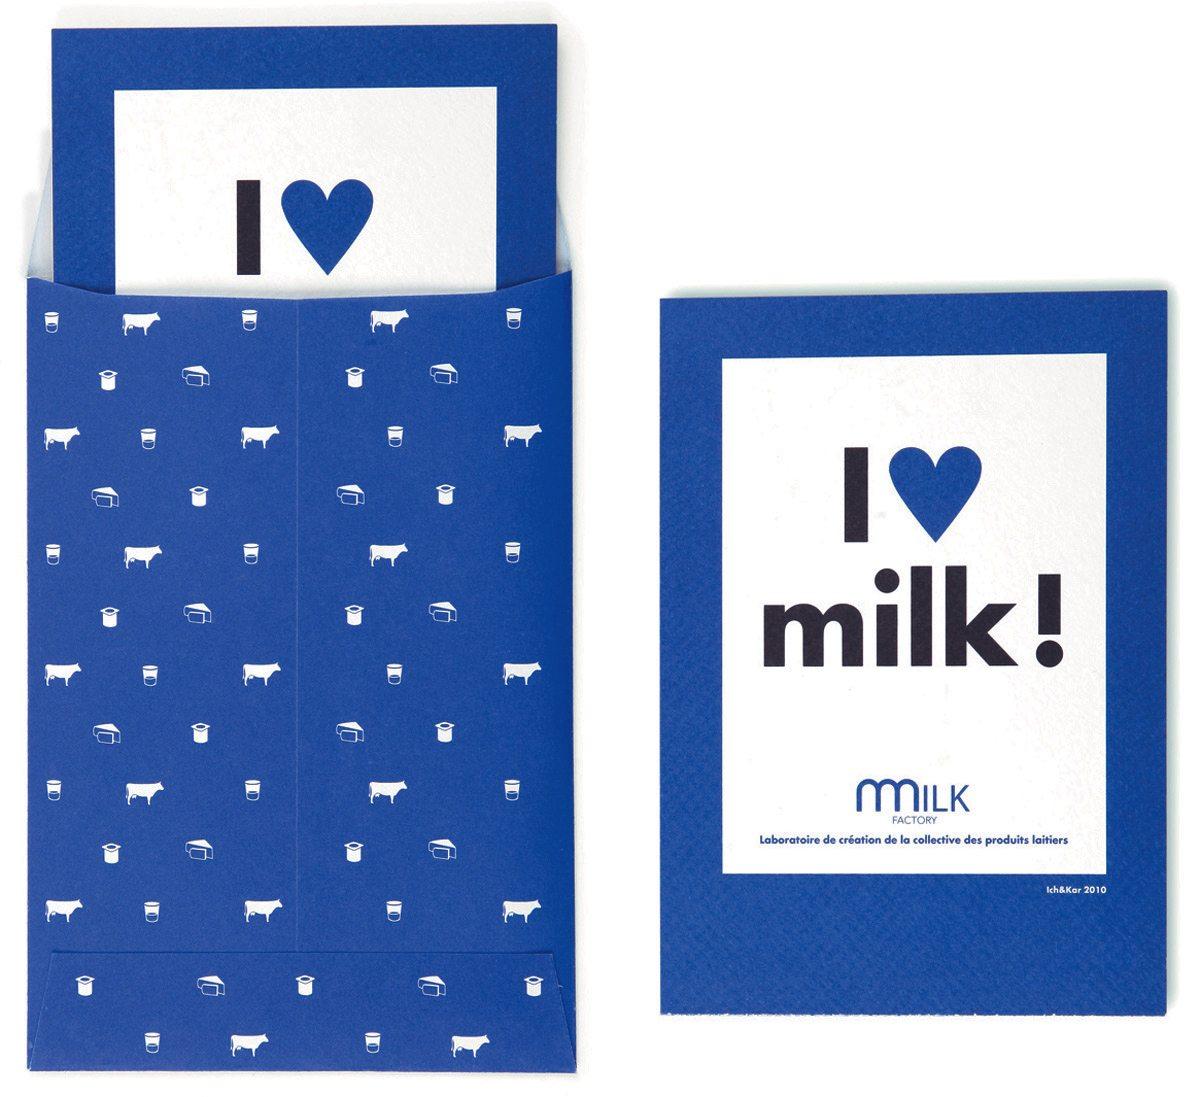 milk kit boites et badges pictogrammes vache pour la milk factory